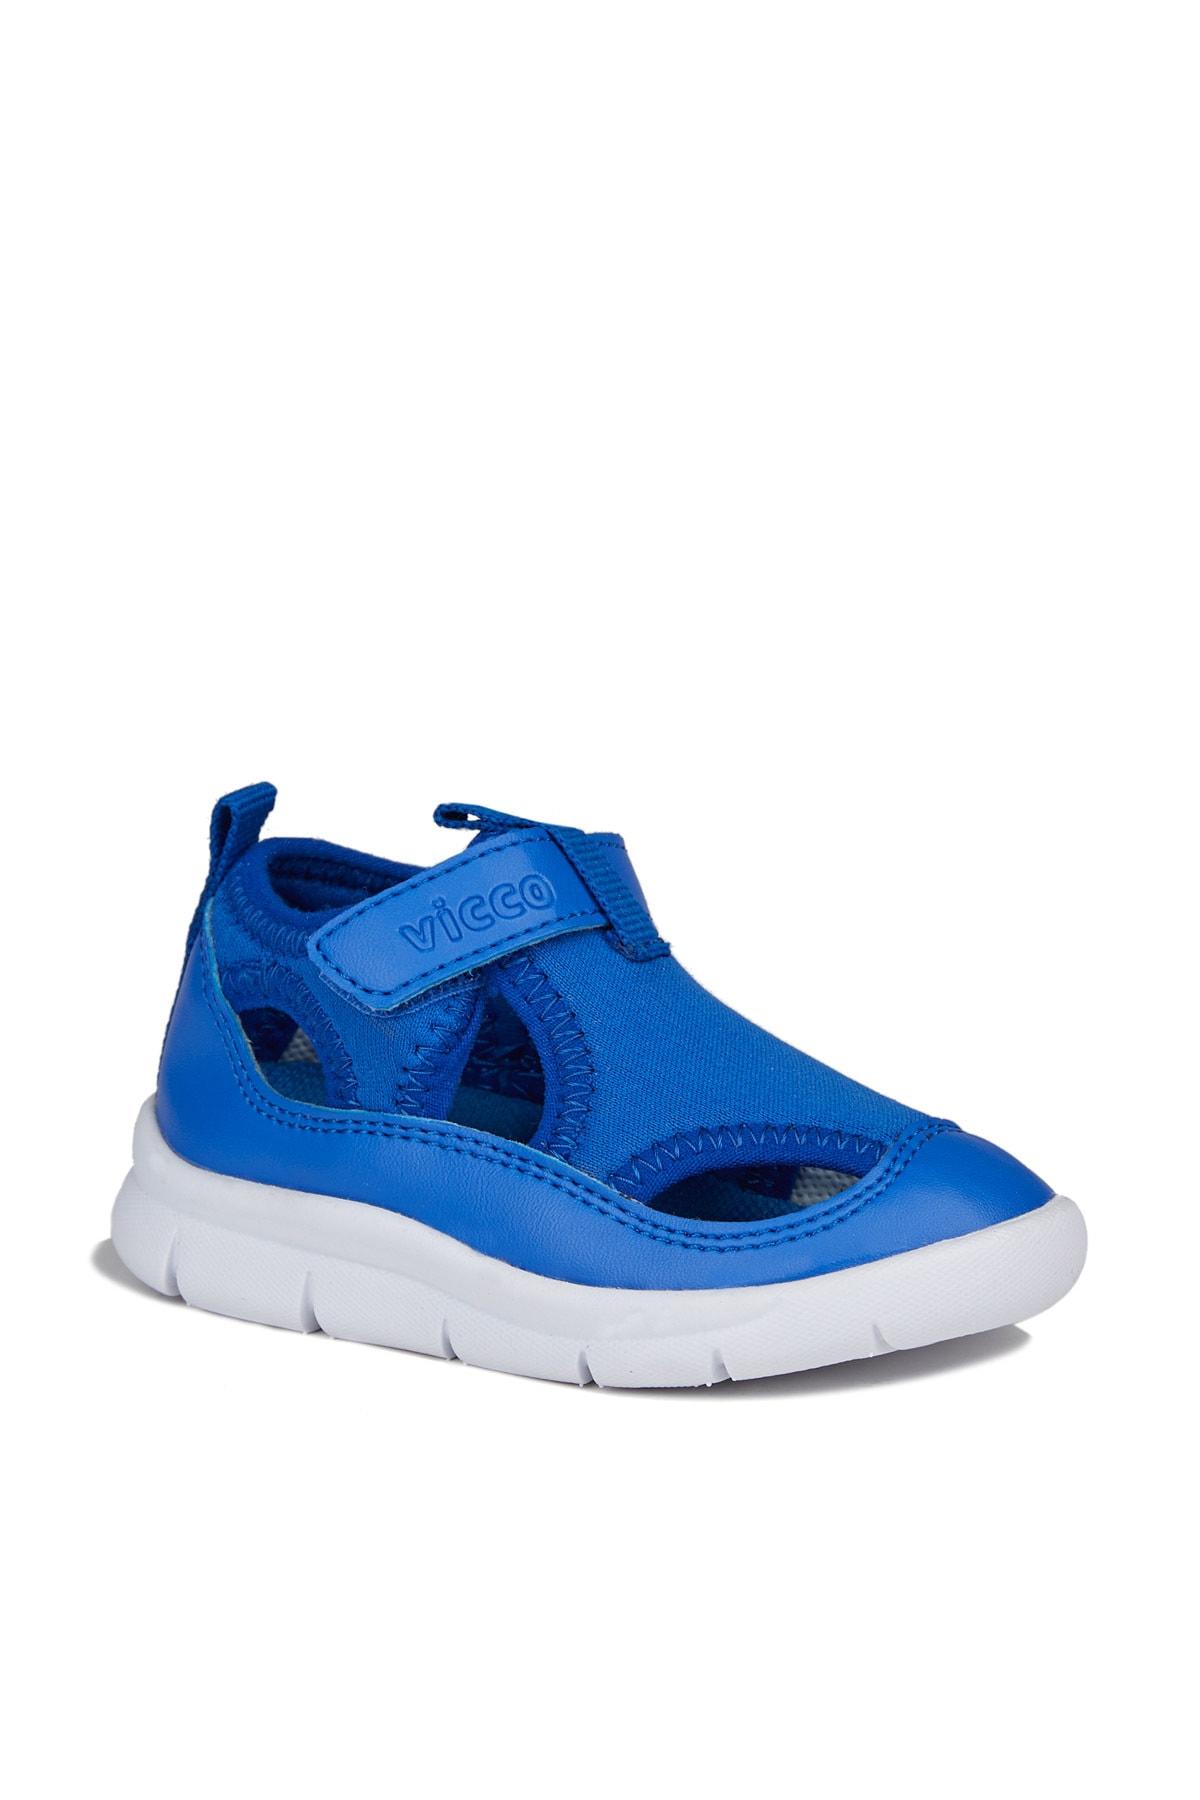 Vicco Berry Erkek Bebe Saks Mavi Spor Ayakkabı 1